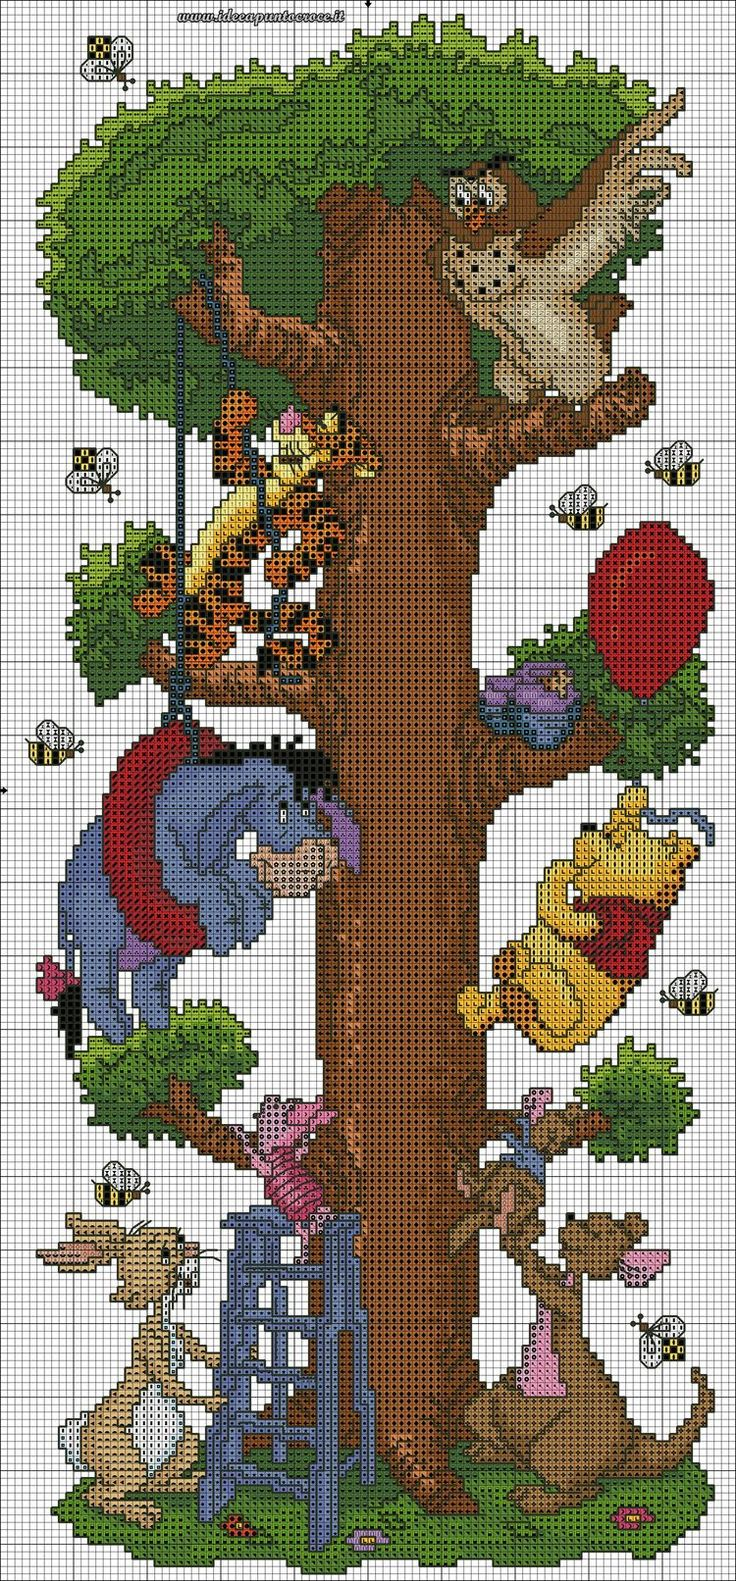 b1d371efdcc374d34a3e0202f3c0cbe2.jpg 750×1,612 pixels